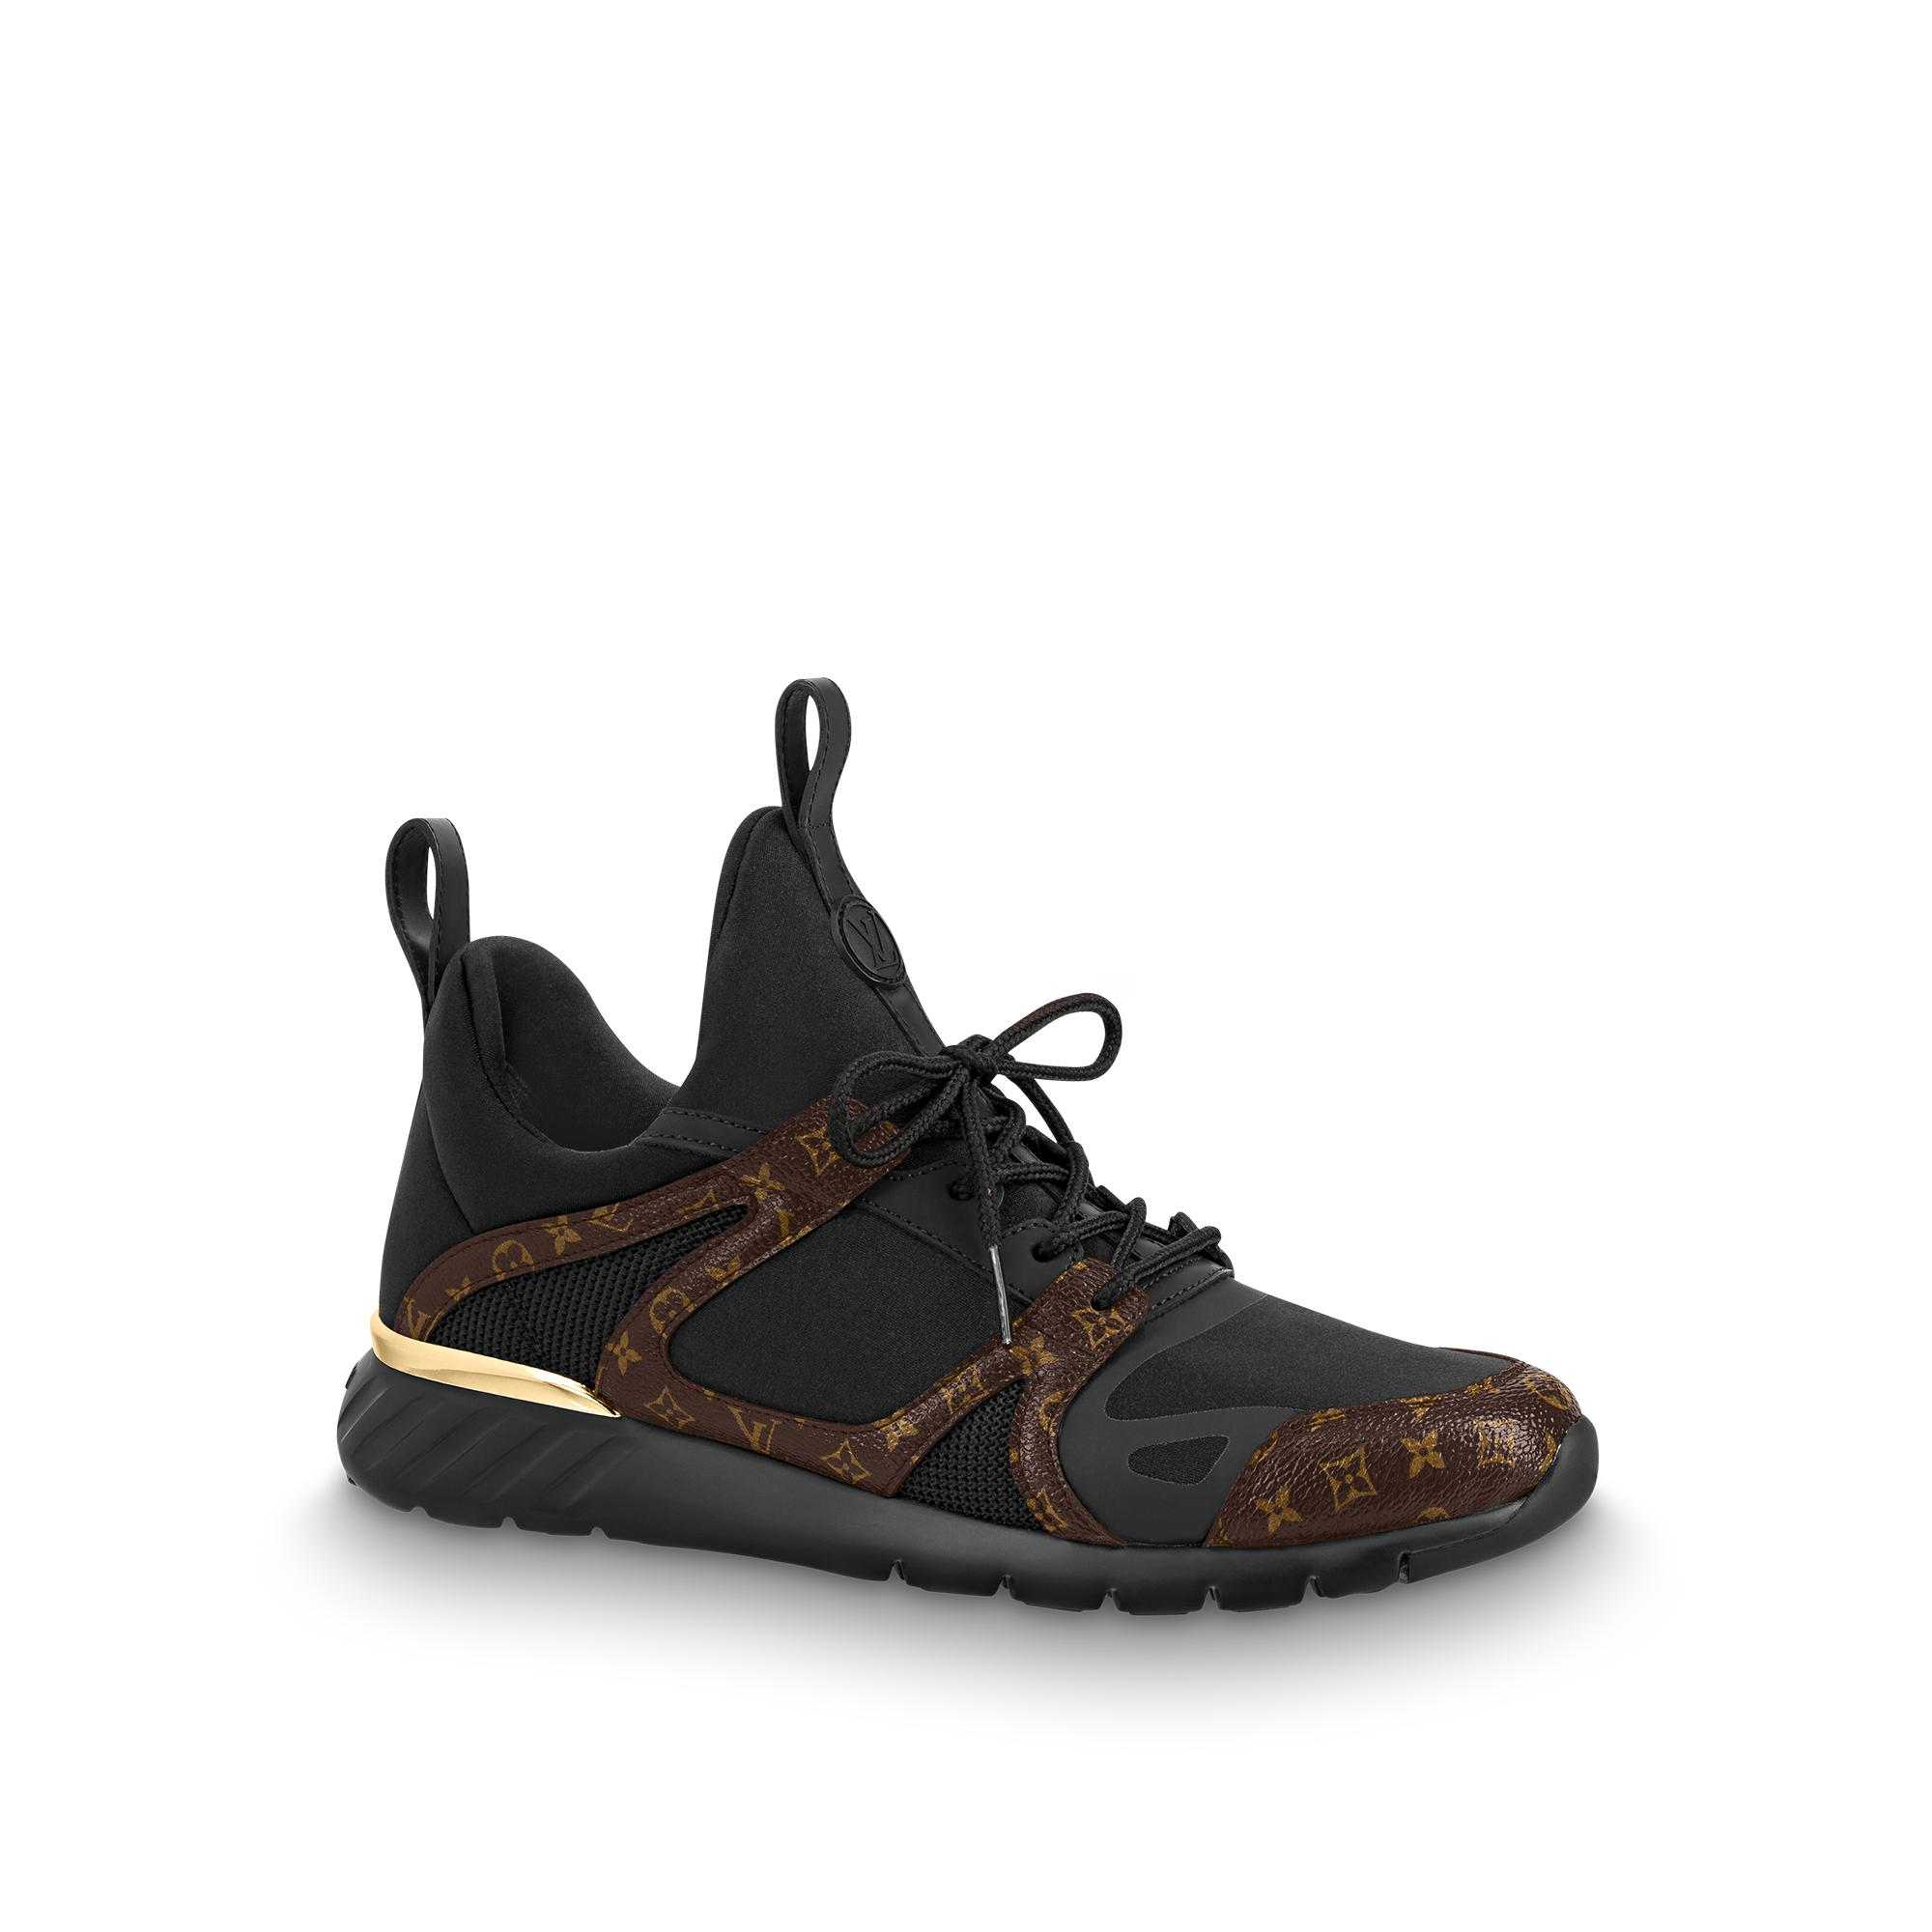 d8abc0e905f5 Louis Vuitton Aftergame Sneaker In Noir